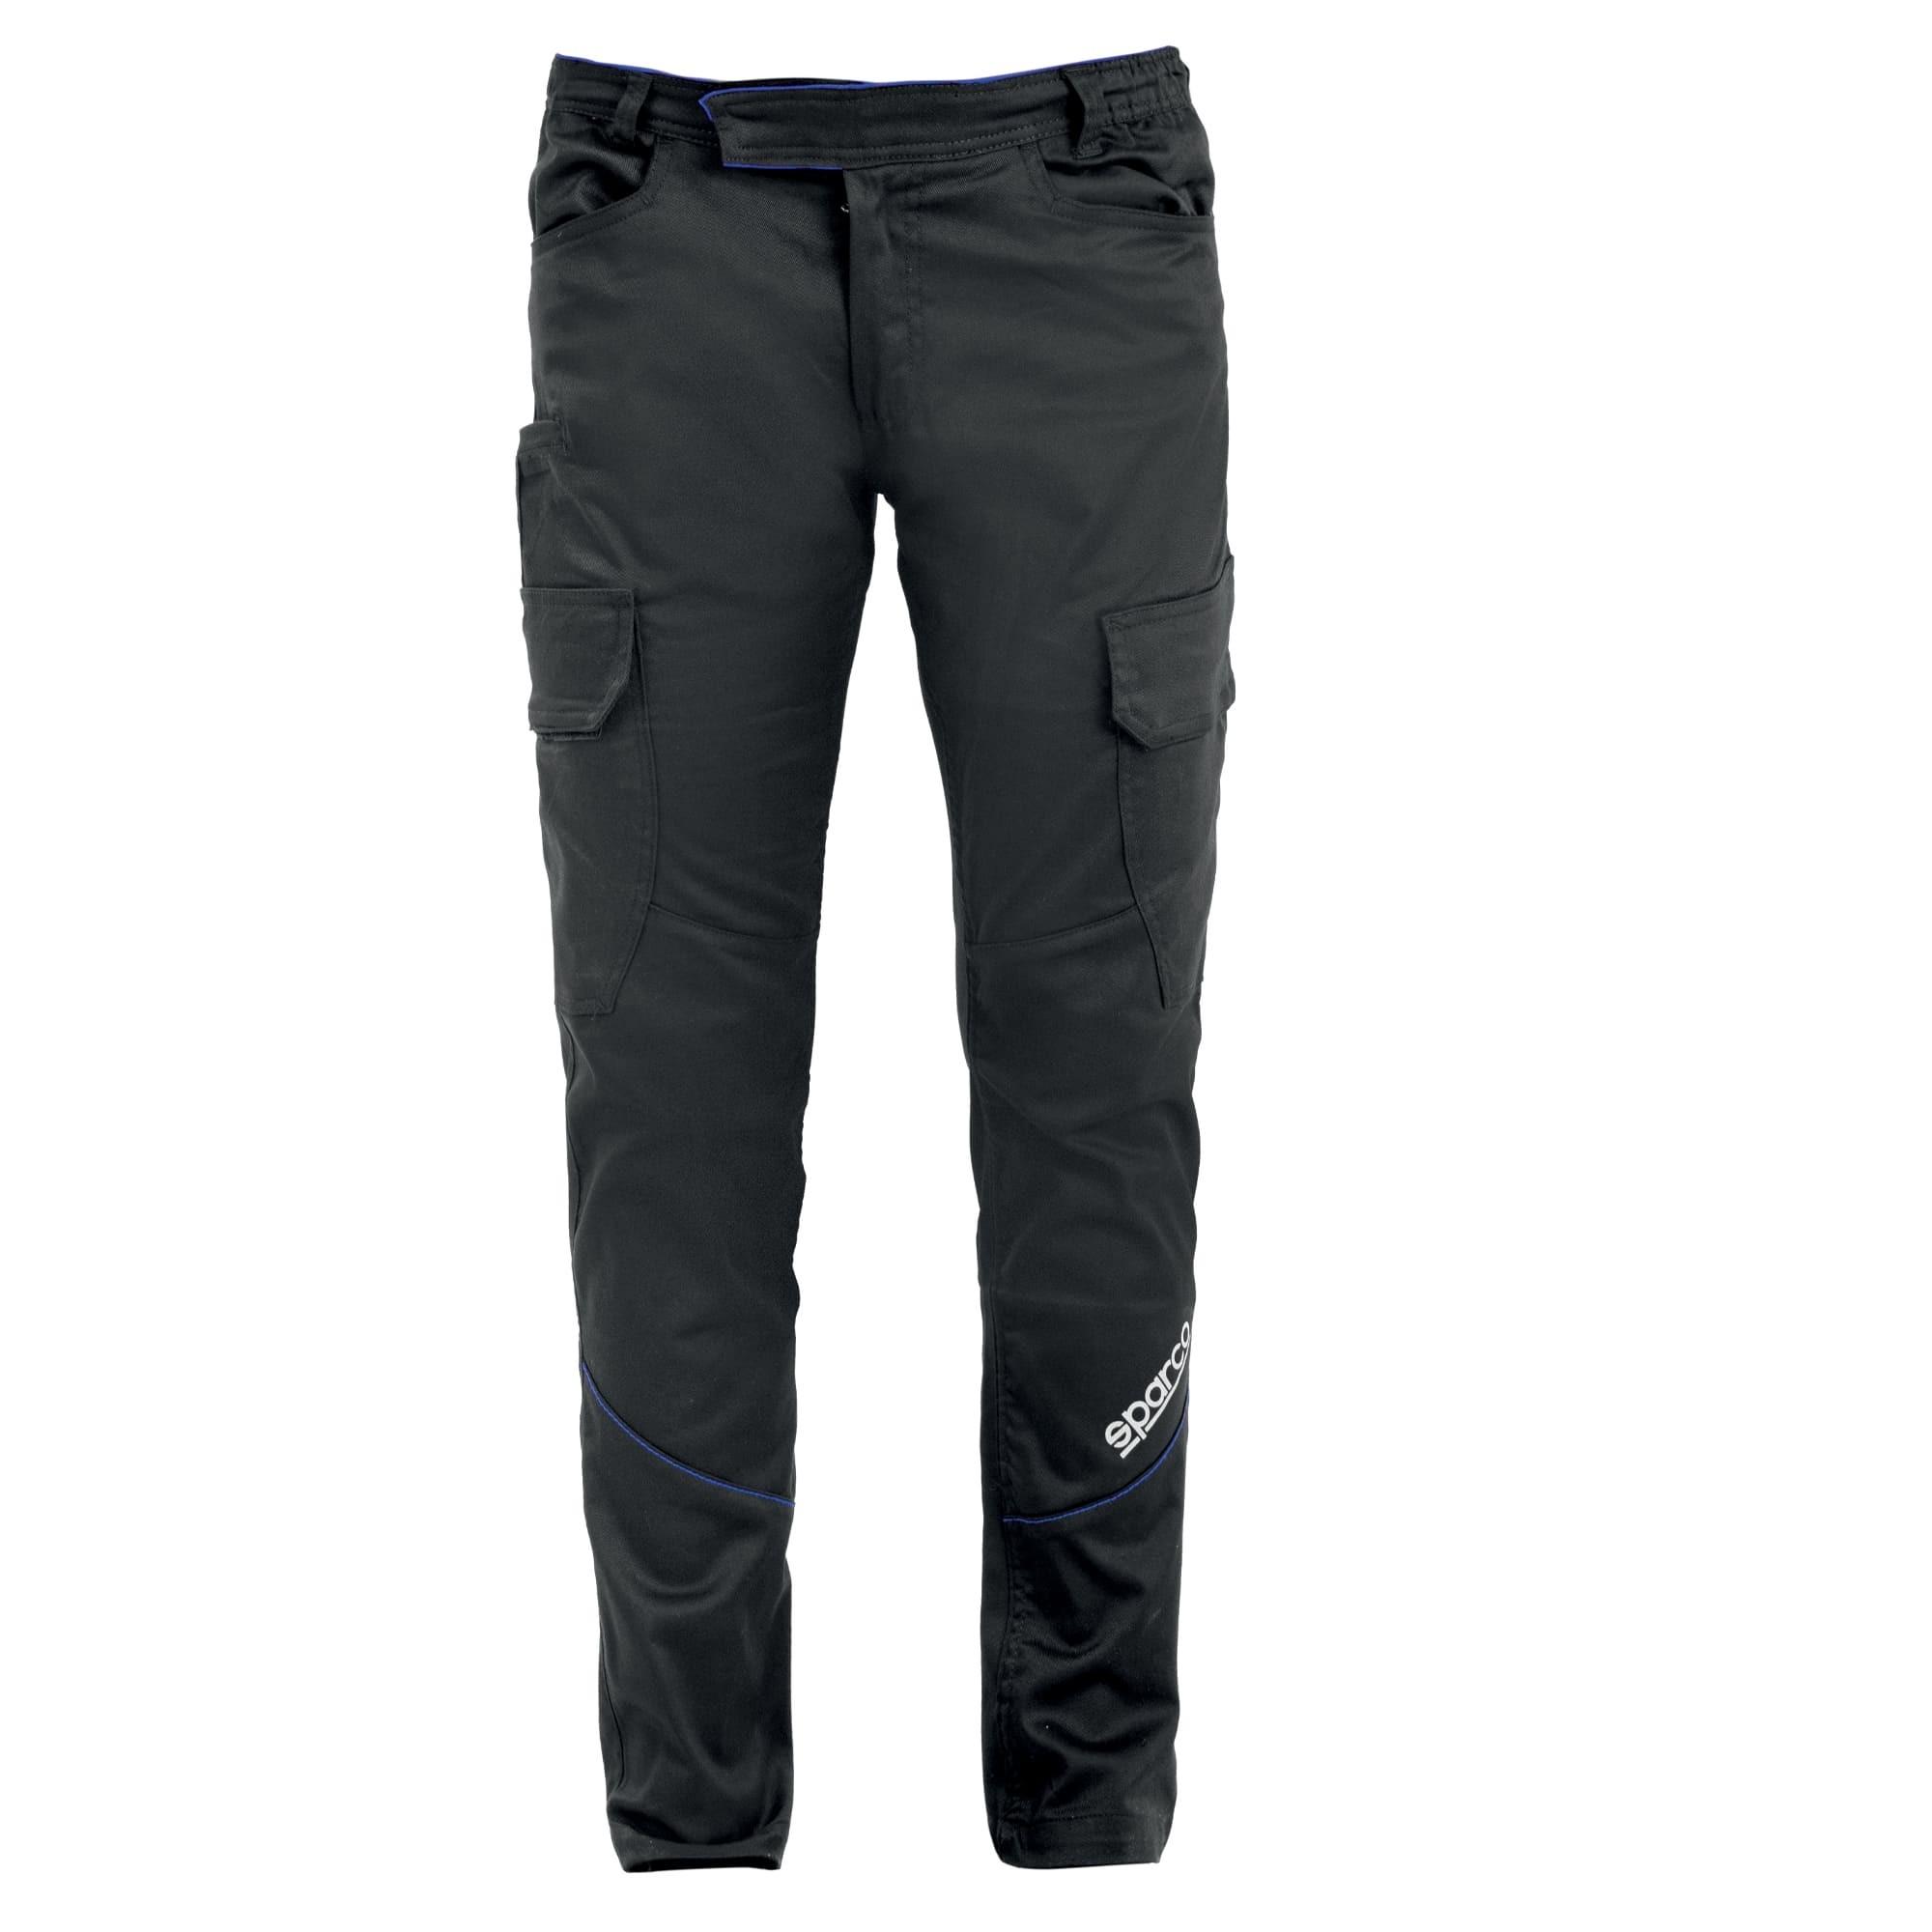 Pantalone da lavoro Sparco BOSTON Cargo Multiseason Elasticizzati Multitasche - Grey